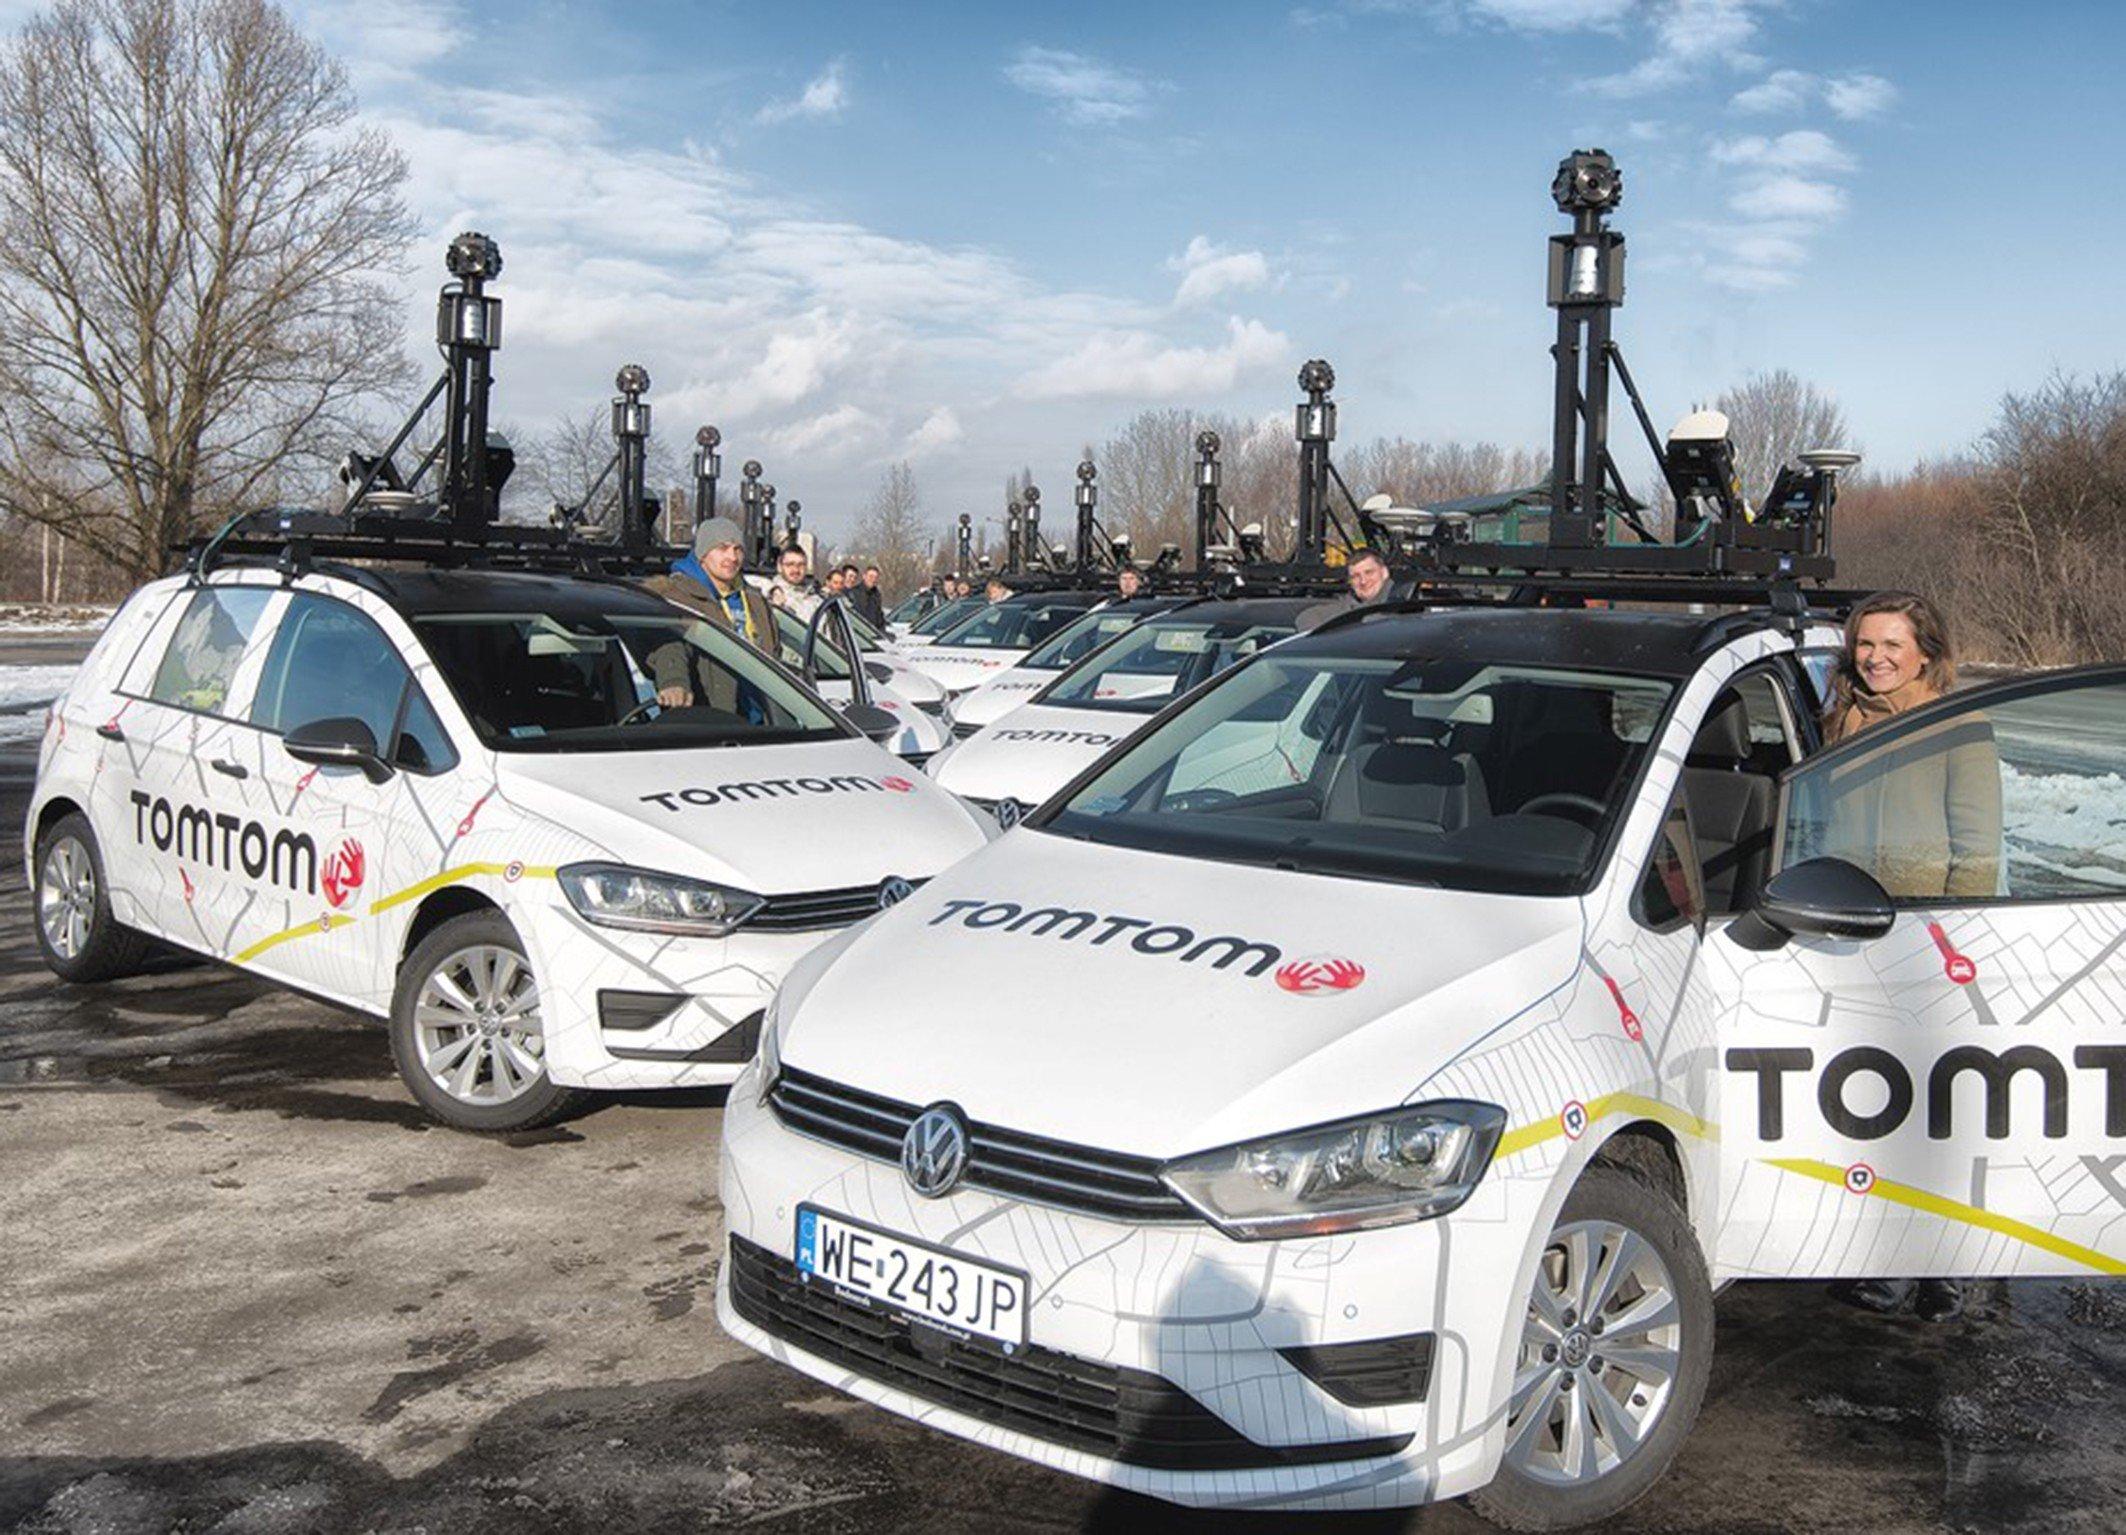 Kamera-Autos von TomTom: Der Bosch-Konzern und TomTom arbeiten eng zusammen, um hoch präzise Kartendaten für das Autonome Fahren anbieten zu können.